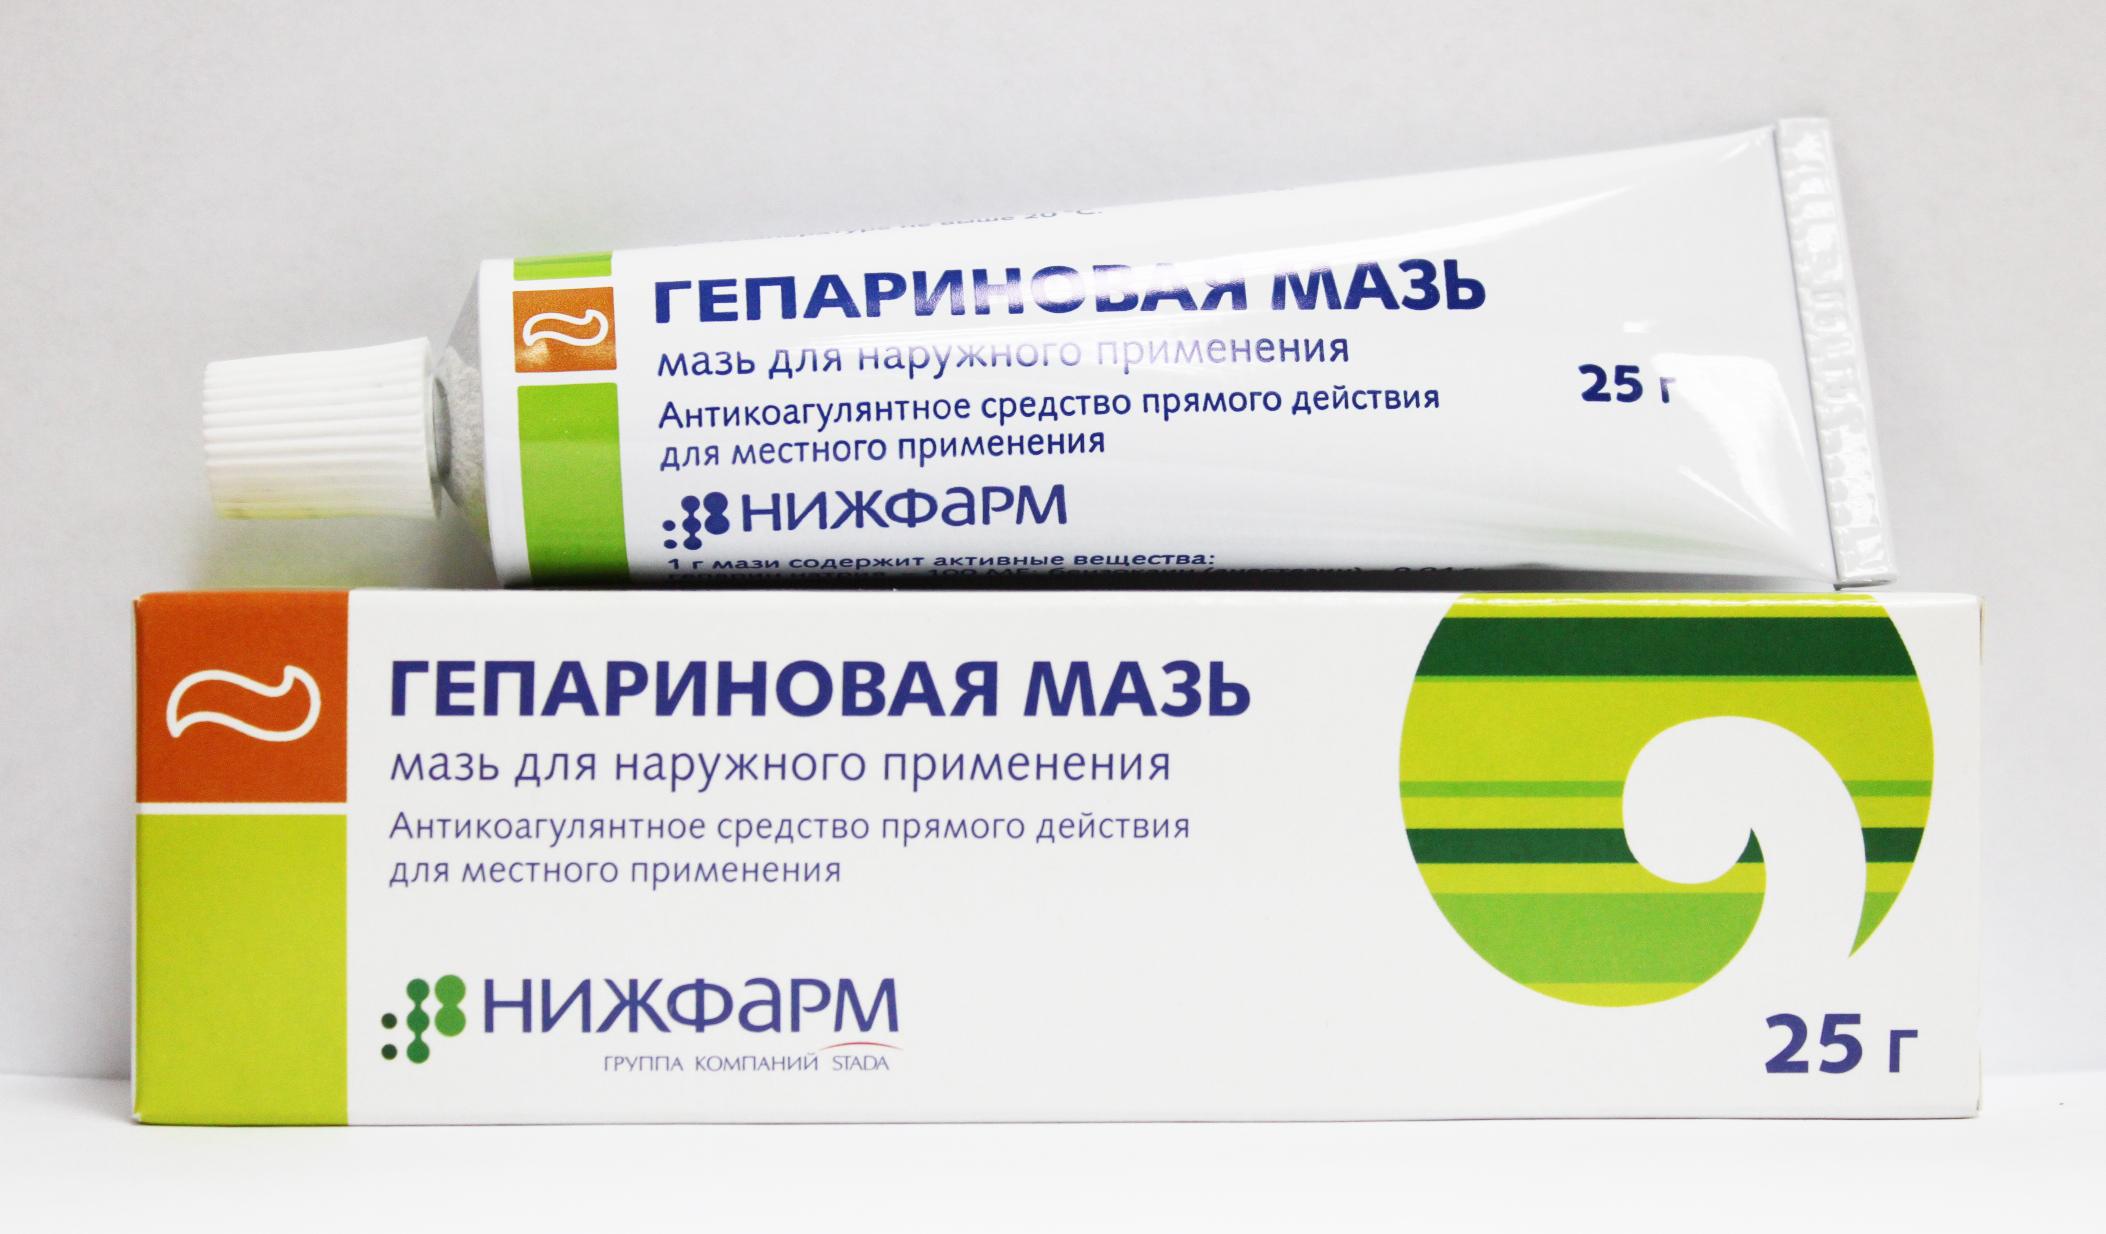 Гепариновая мазь от раздражения на коже